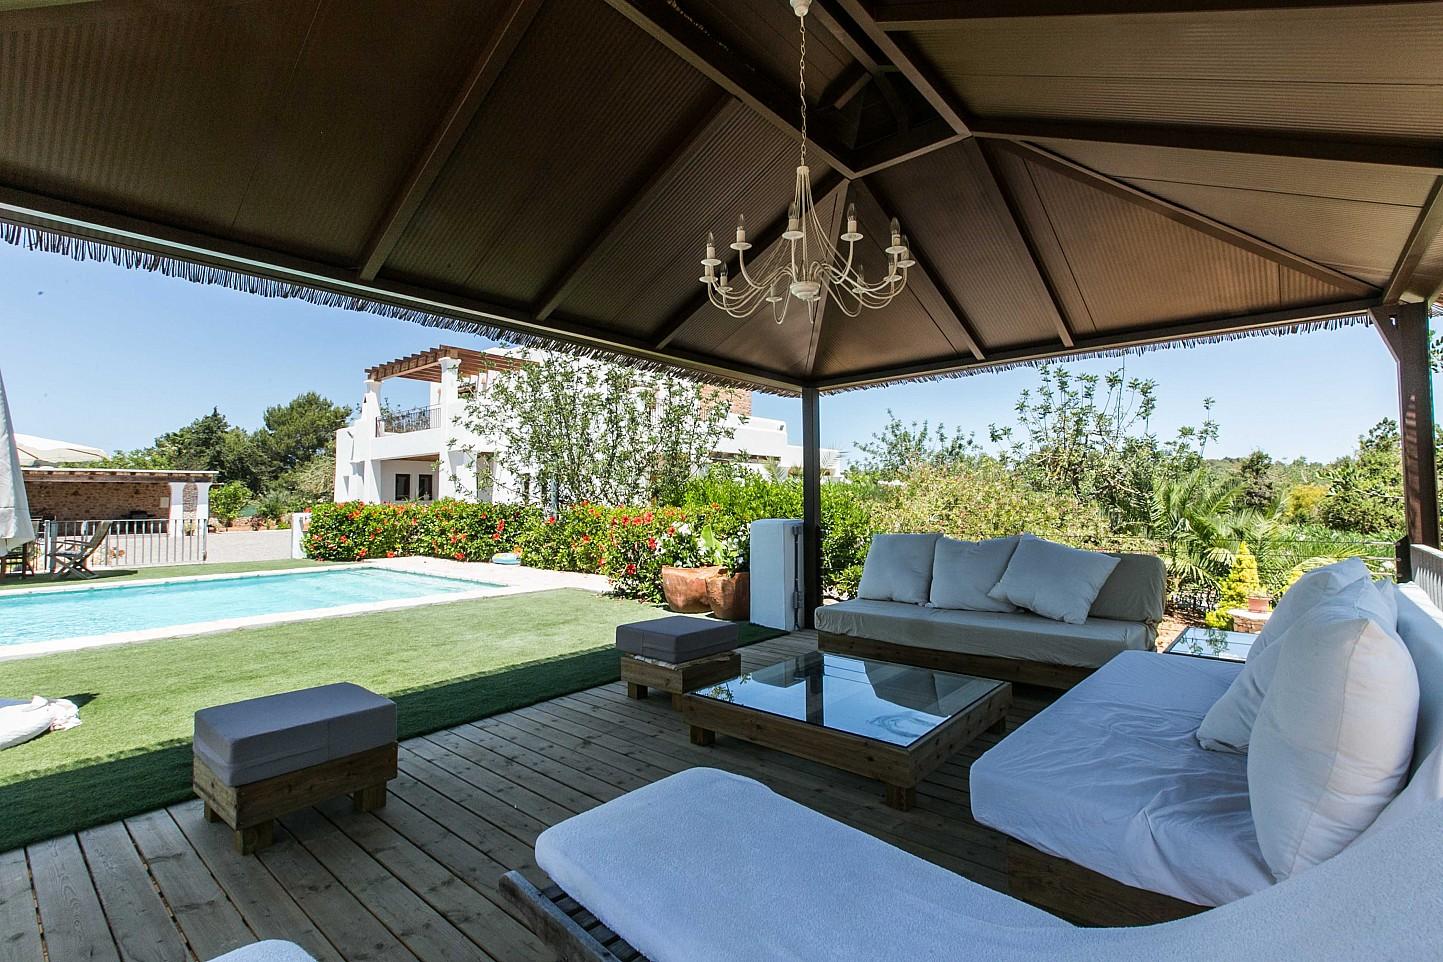 Esplendido jardín con piscina en espectacular casa en alquiler situada en Ibiza